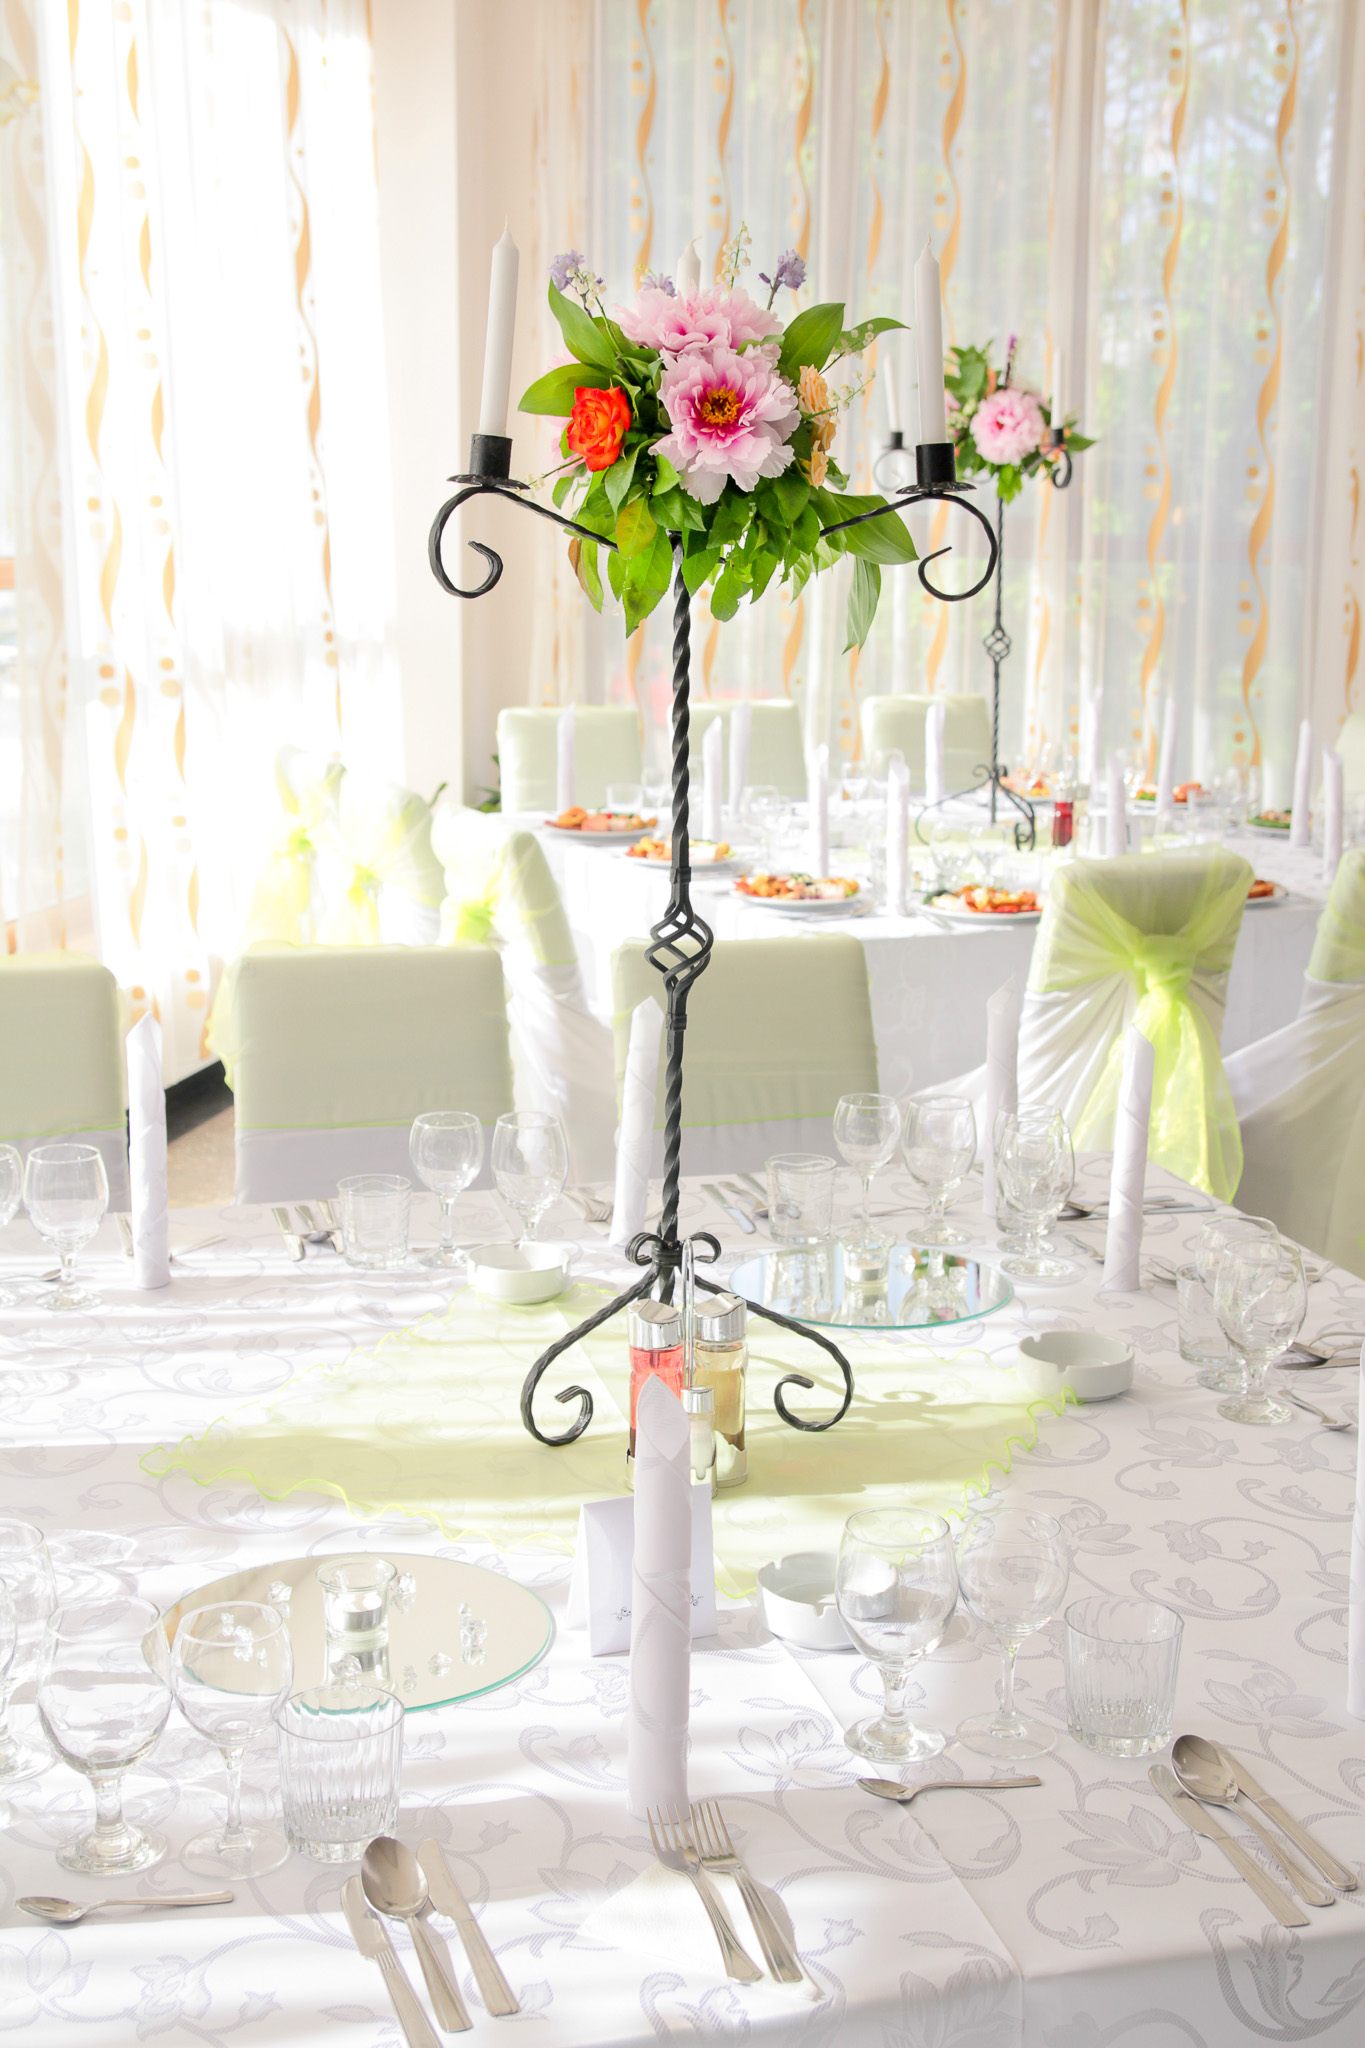 Decor Masa Roz Alb Bujor Lalele Trandafir Lacrimioare 4 Nunta